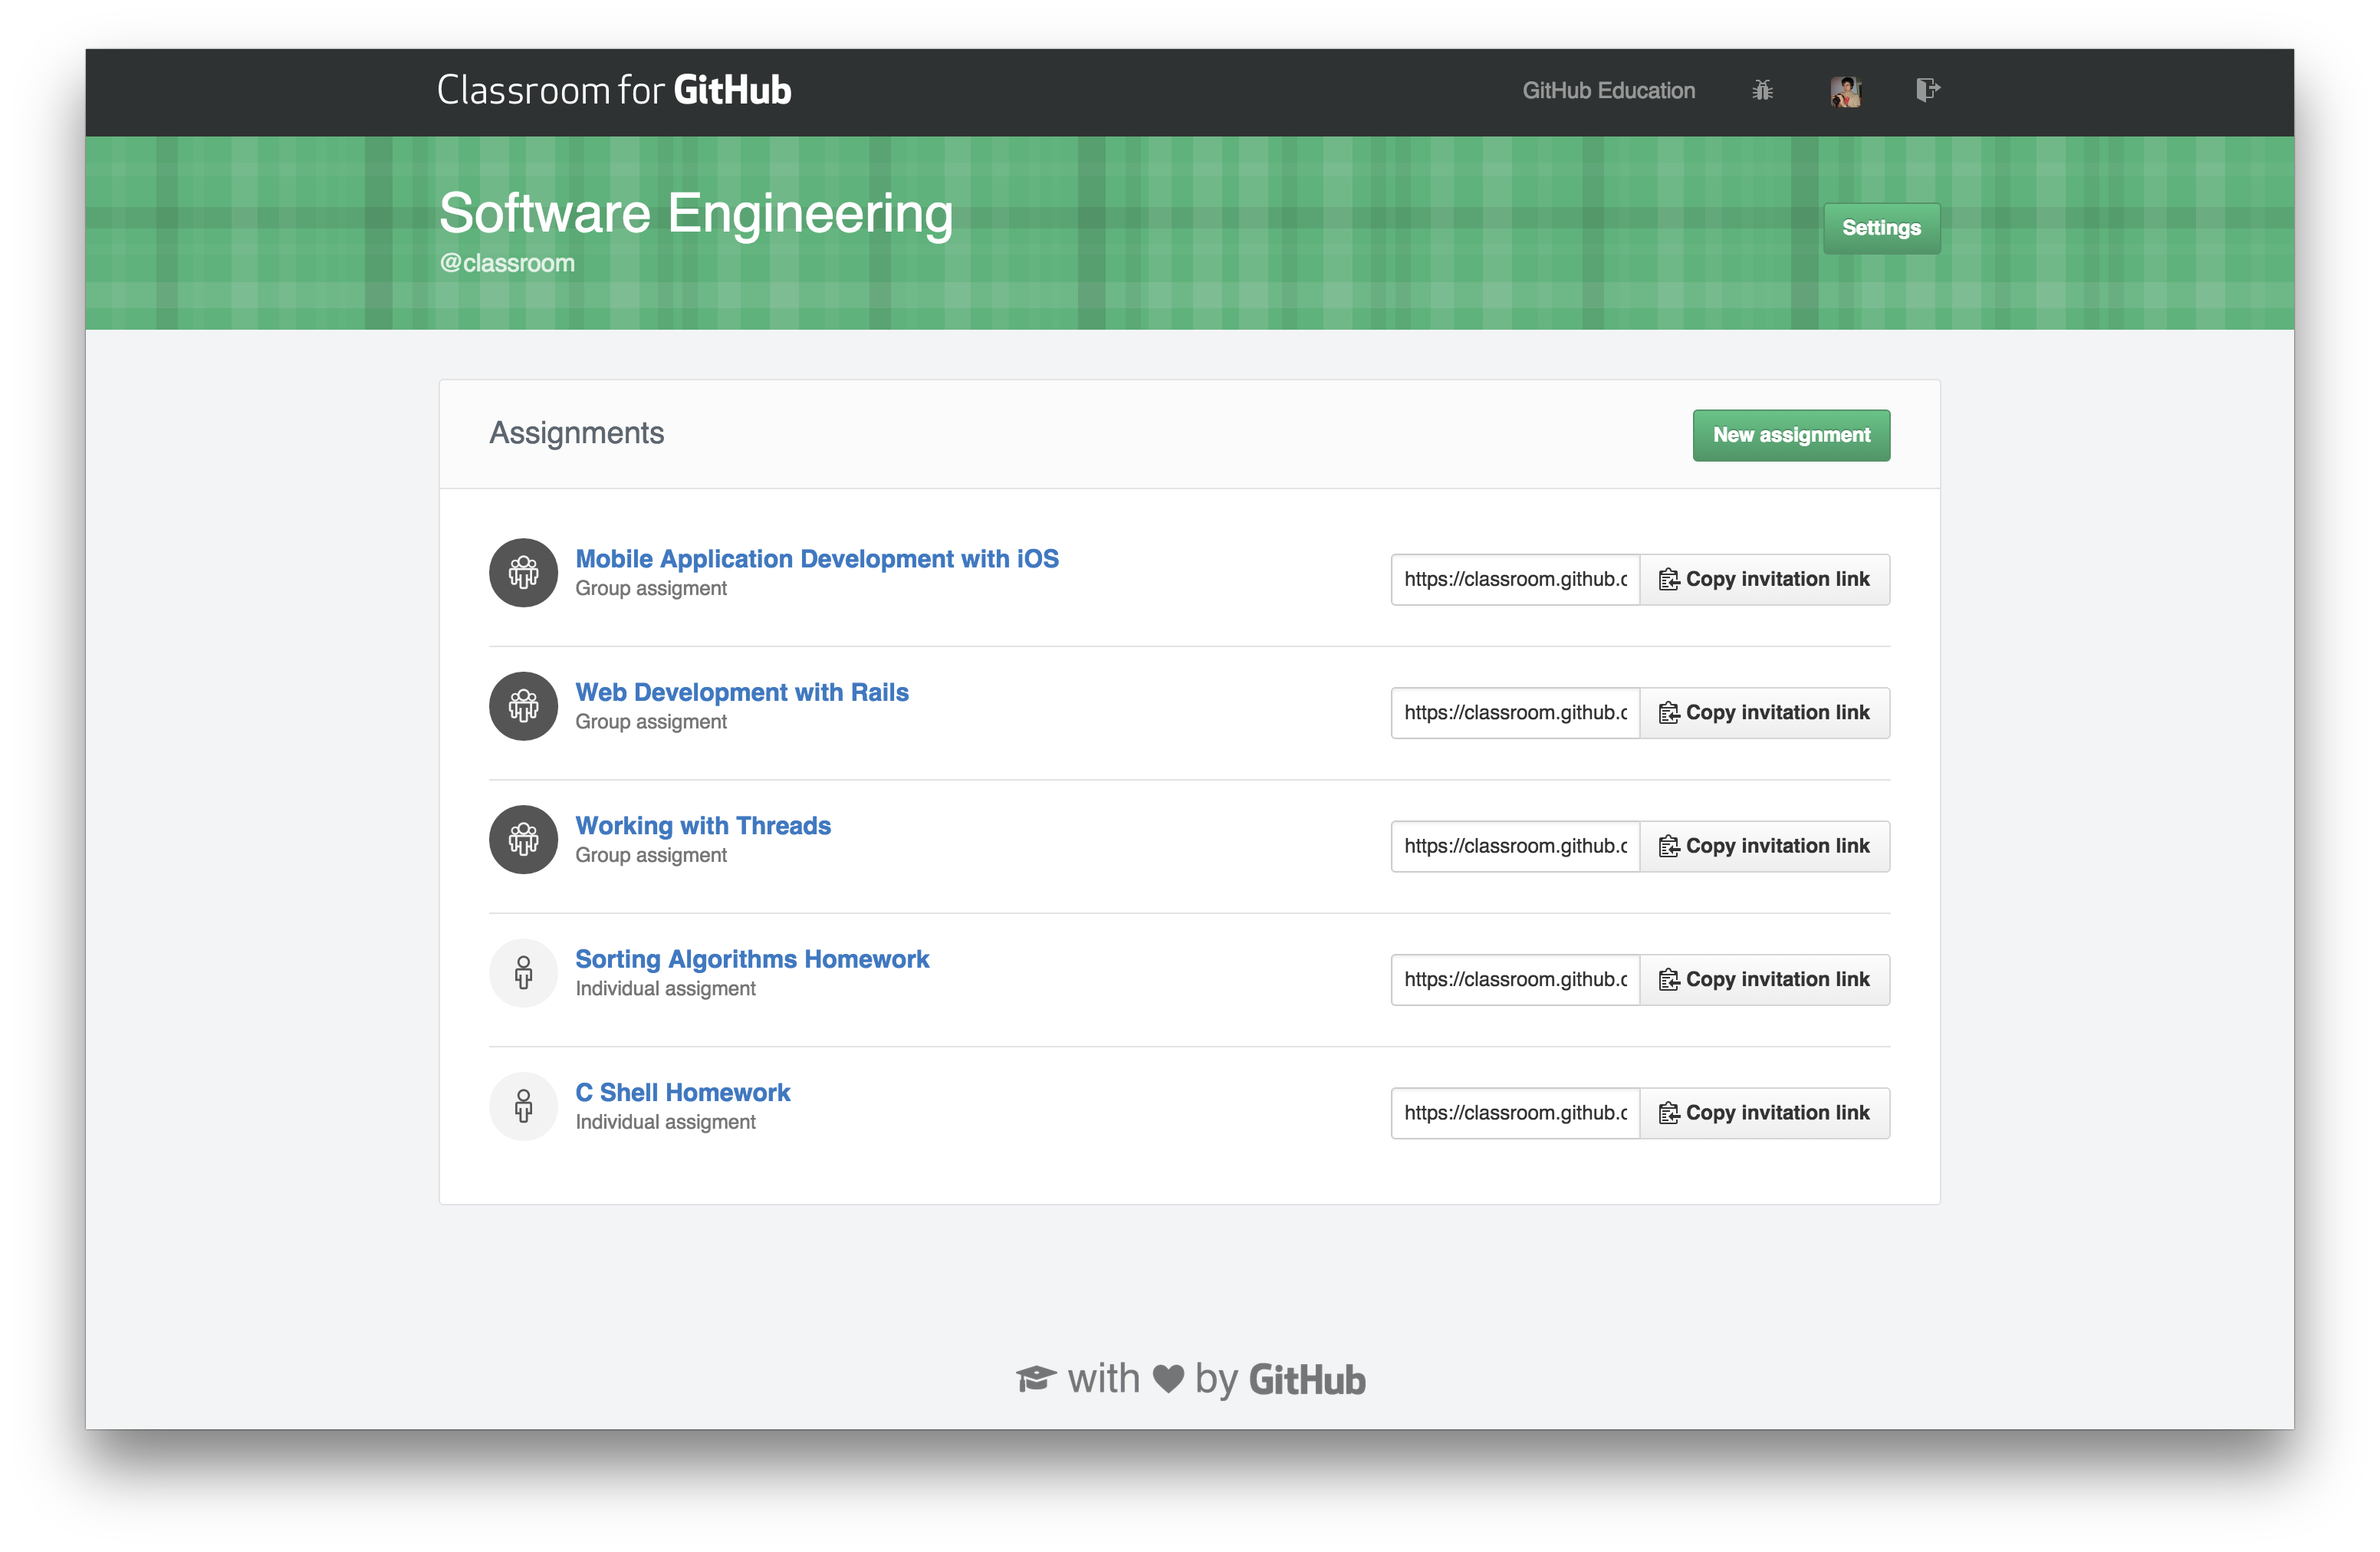 Classroom for GitHub screenshot